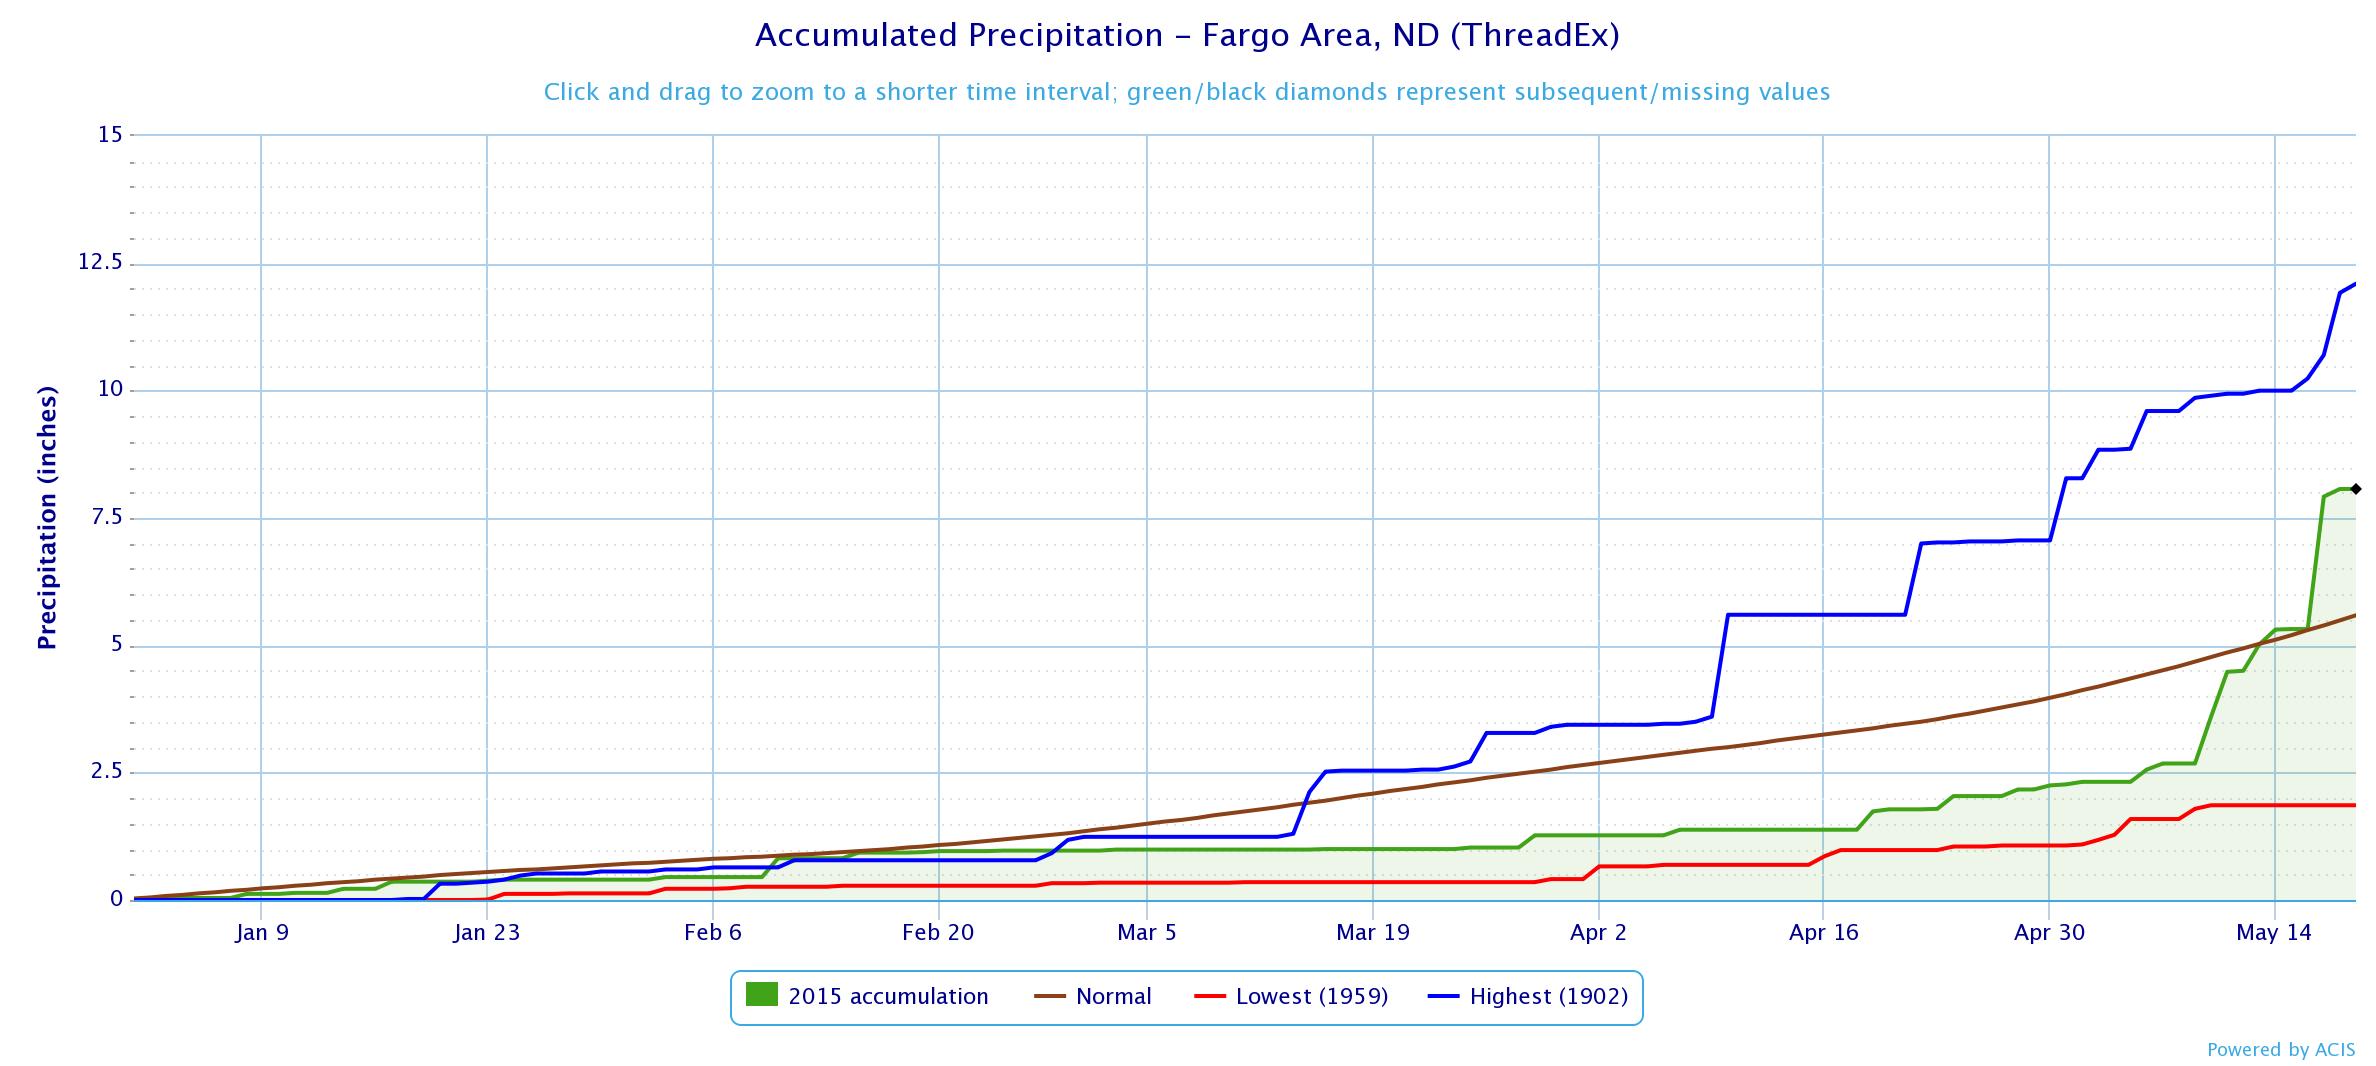 Fargo (KFAR) precipitation from January 1 to May 18, 2015 and records